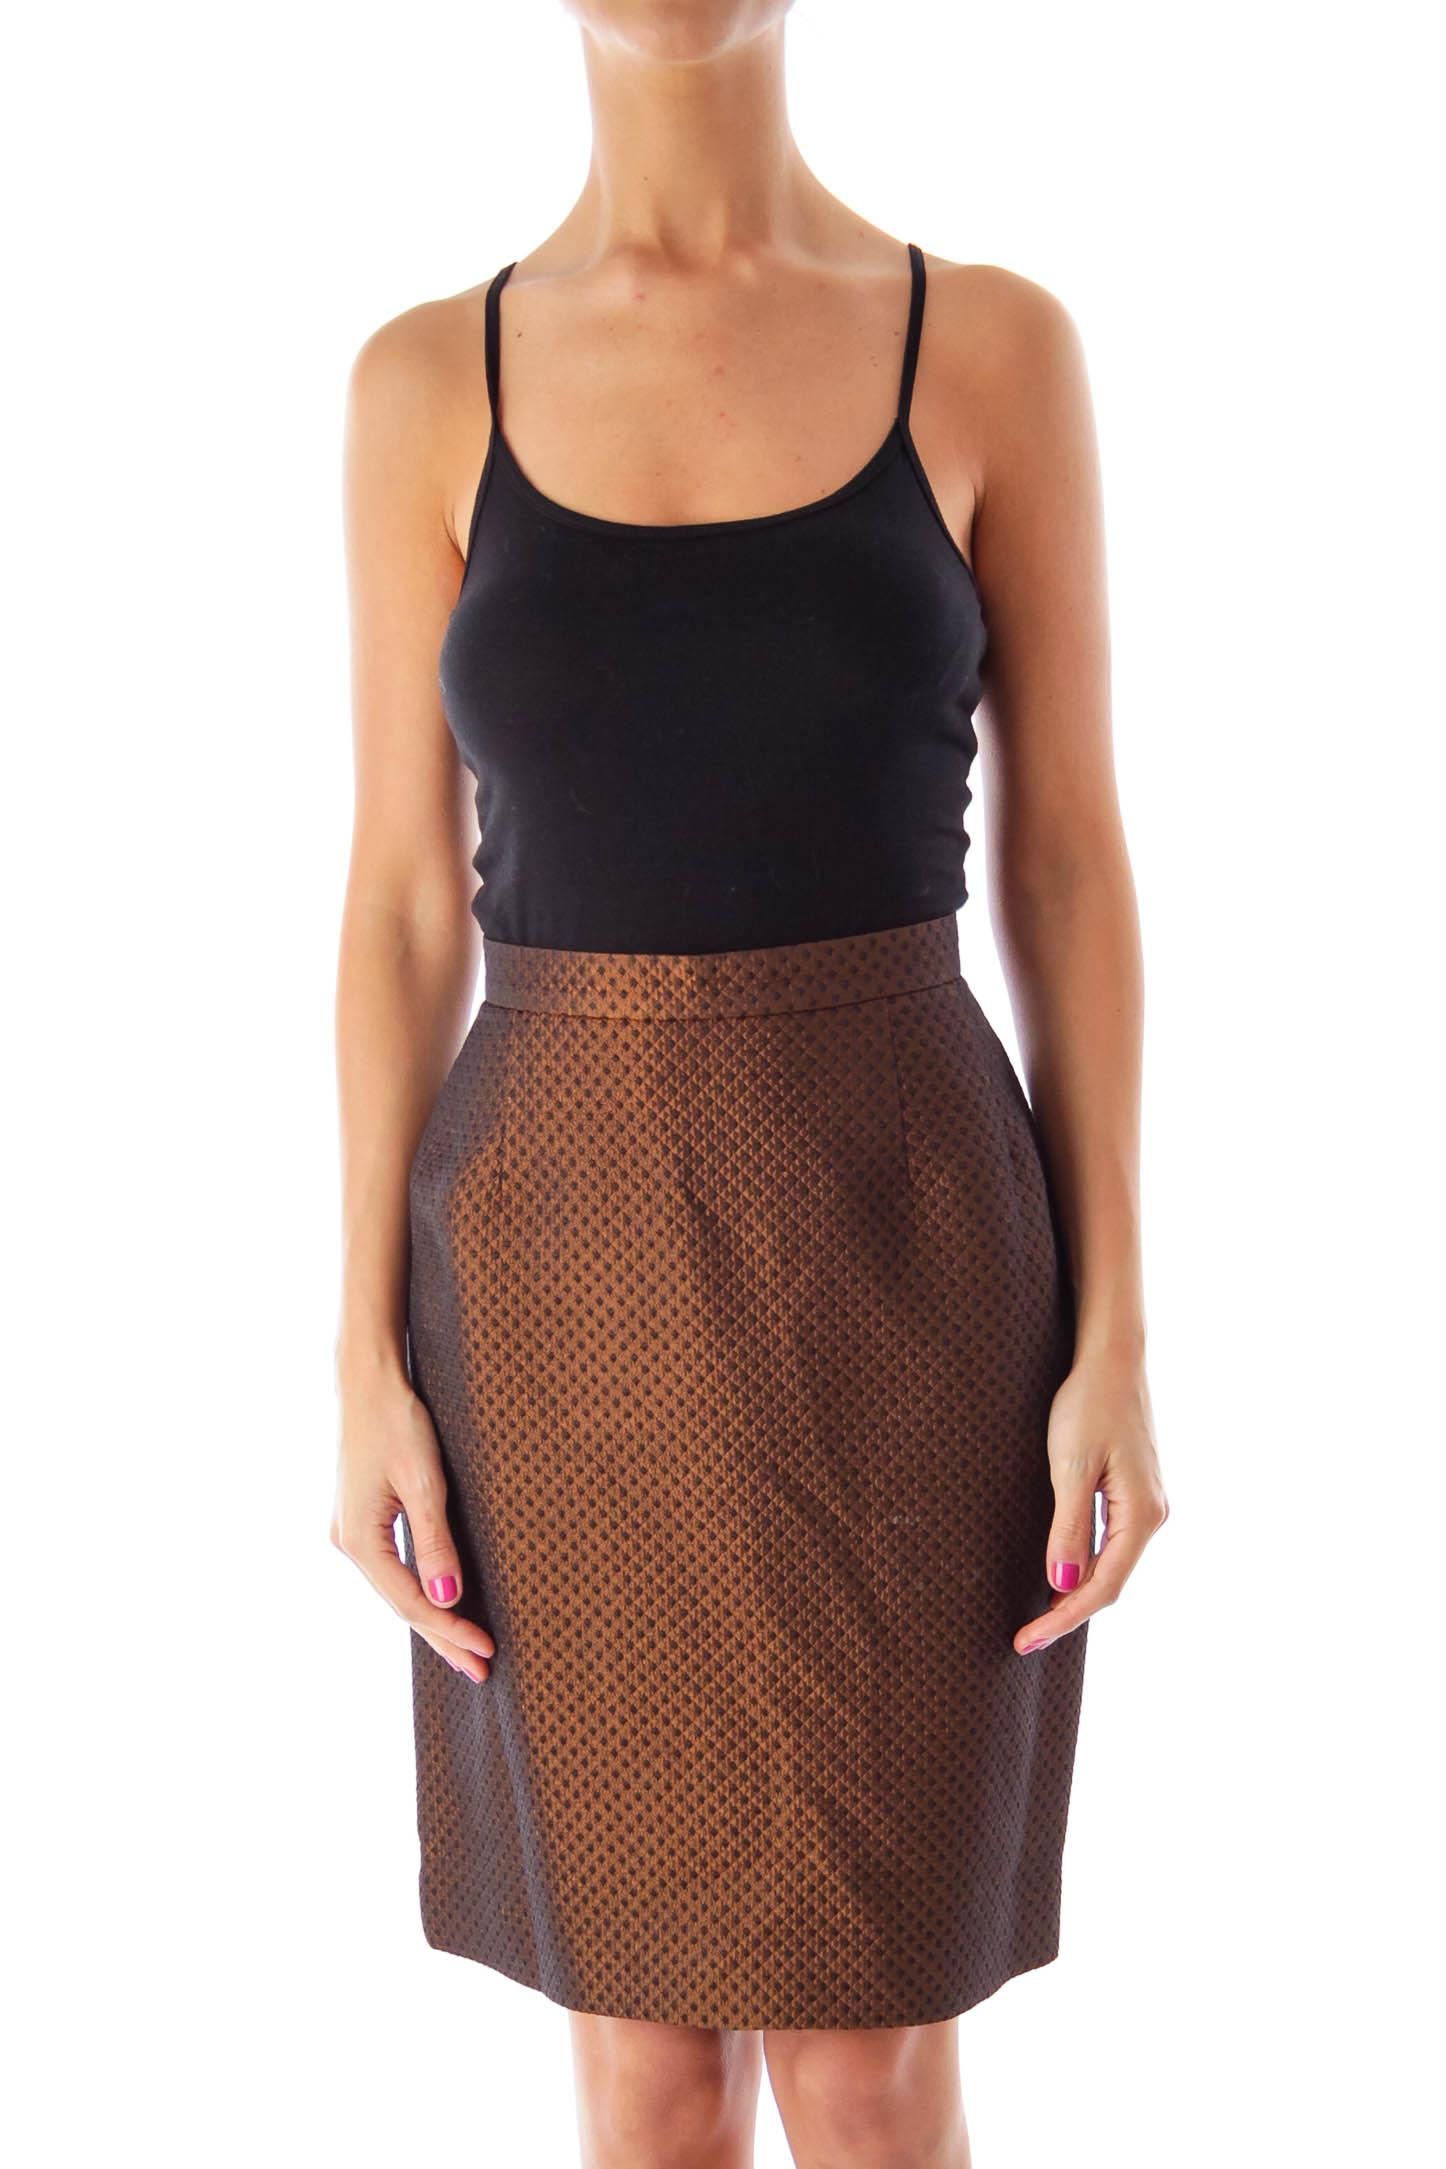 Brown Metallic Skirt